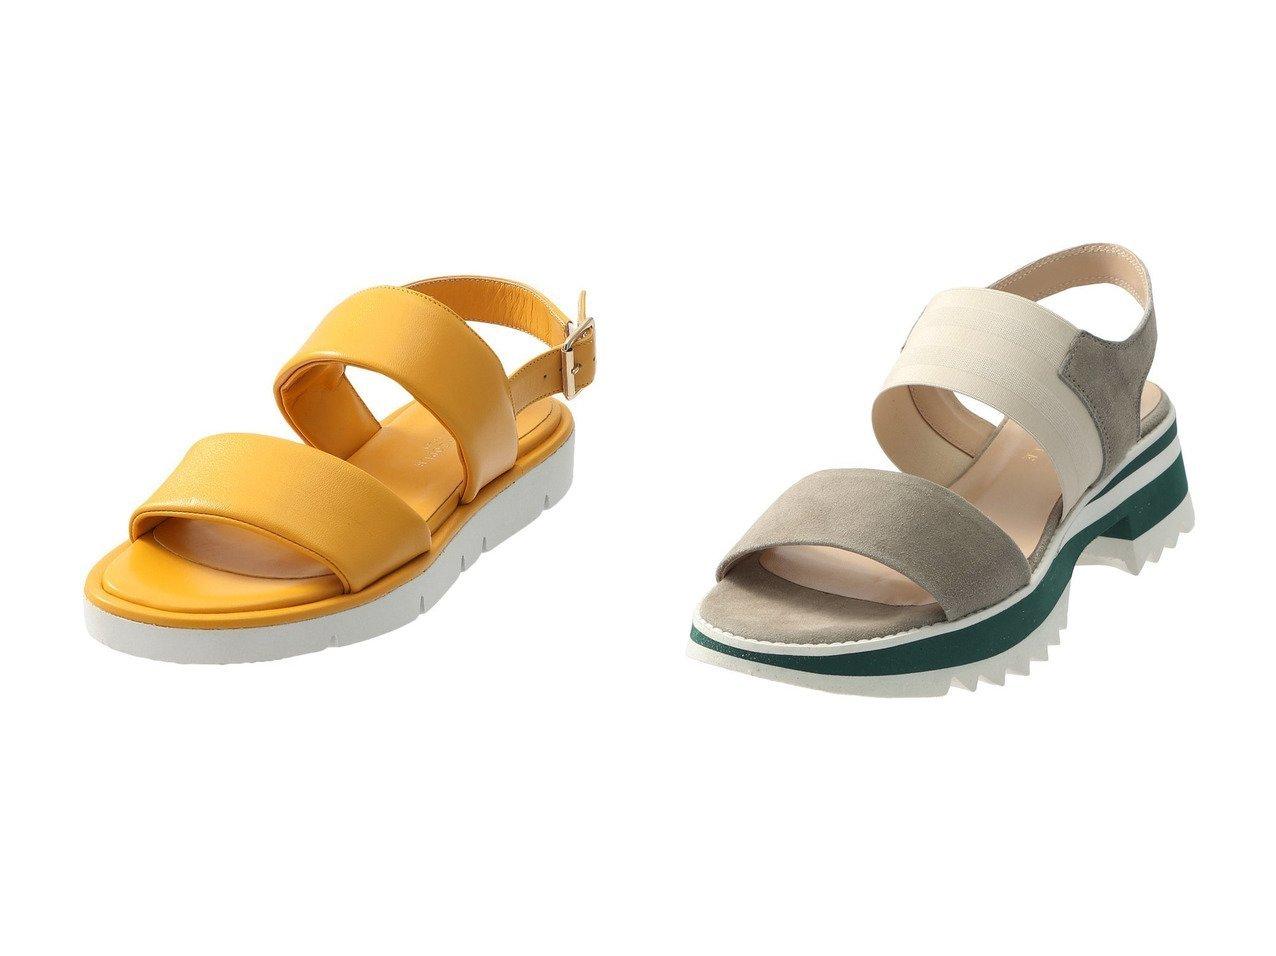 【PLAIN PEOPLE/プレインピープル】の【LUCA GROSSI】レザーストラップサンダル&【CORSO ROMA9】レザーストラップサンダル 【シューズ・靴】おすすめ!人気、トレンド・レディースファッションの通販 おすすめで人気の流行・トレンド、ファッションの通販商品 メンズファッション・キッズファッション・インテリア・家具・レディースファッション・服の通販 founy(ファニー) https://founy.com/ ファッション Fashion レディースファッション WOMEN サンダル スポーティ なめらか サマー フェミニン  ID:crp329100000029167